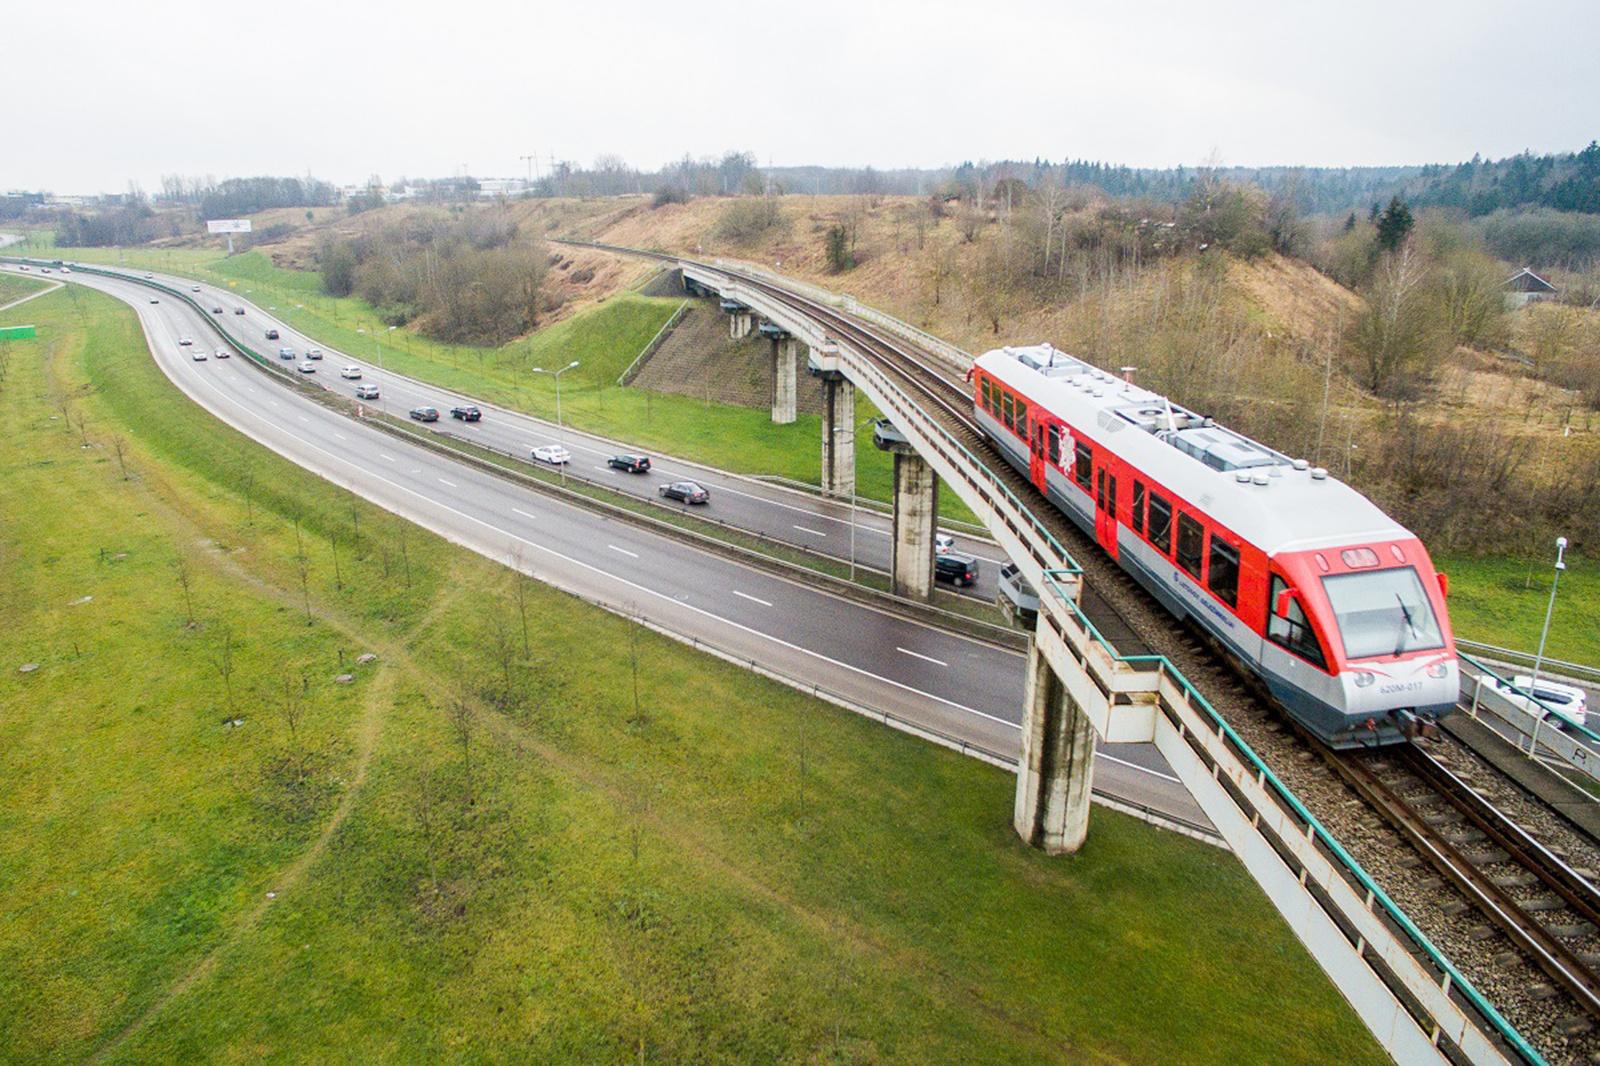 Rusijos geležinkeliai stabdo keleivinius traukinius į Karaliaučių tranzitu per Lietuvą